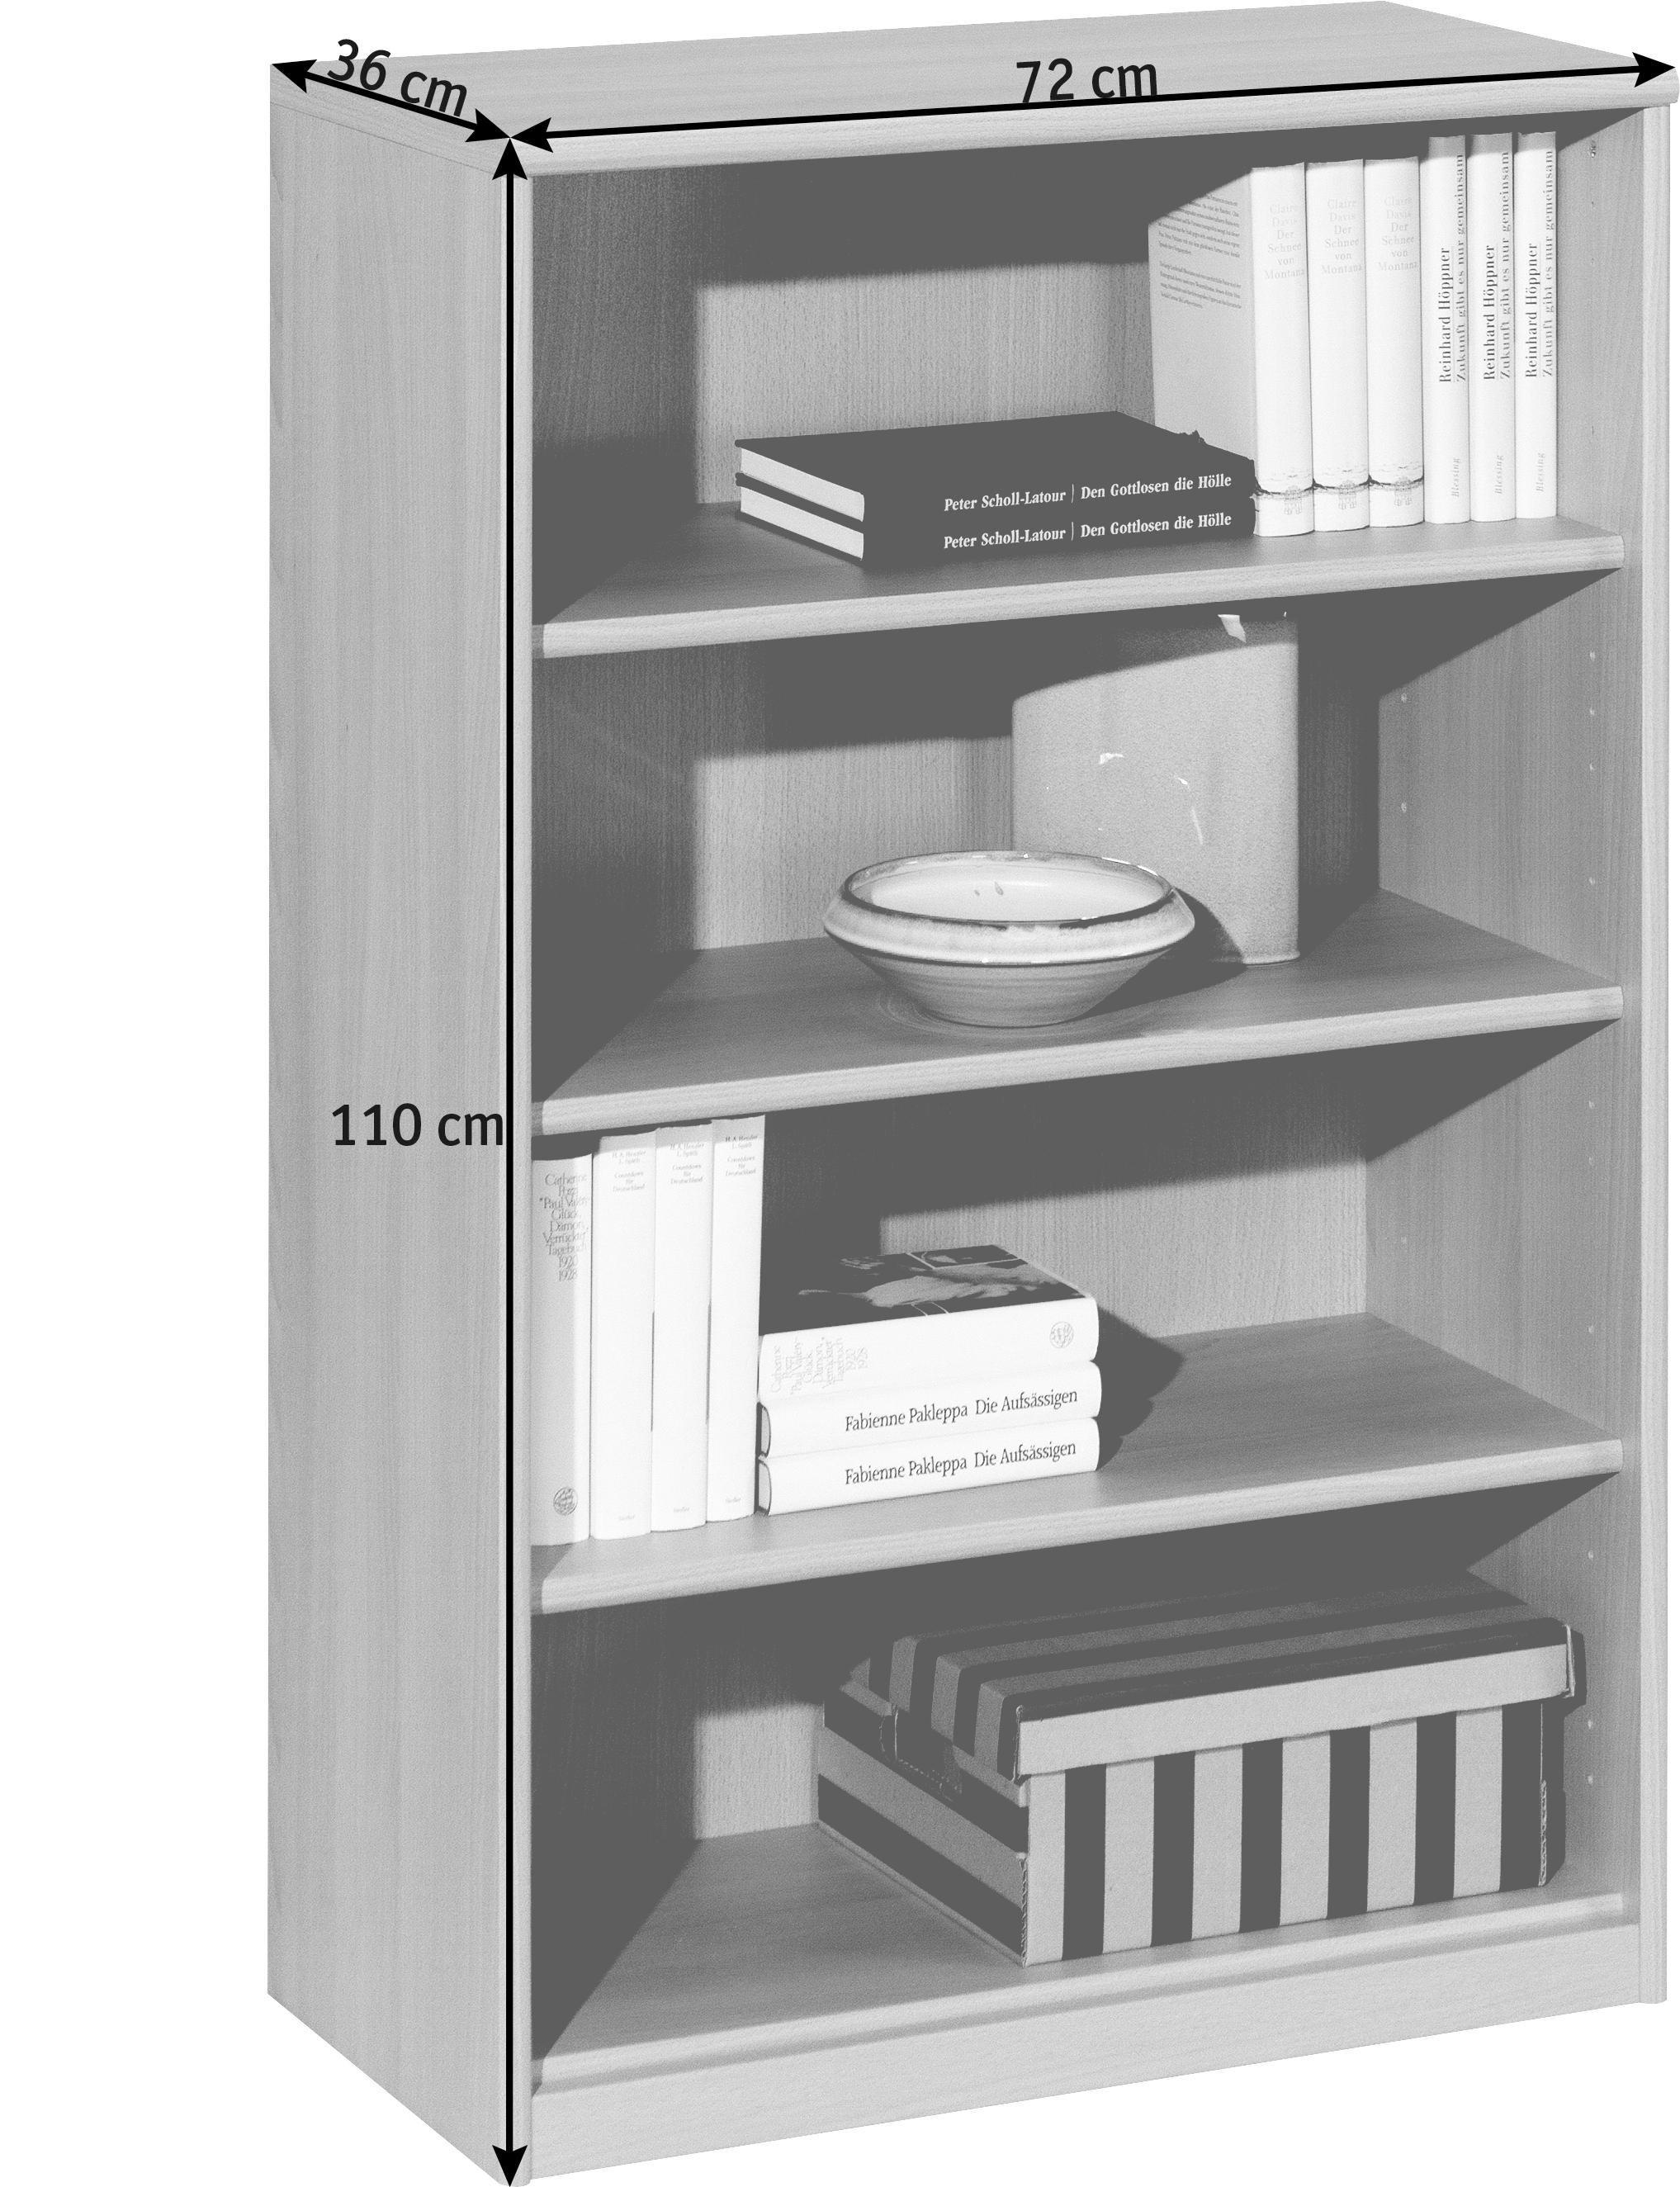 REGAL in 72/110/36 cm Buchefarben - Buchefarben, KONVENTIONELL, Holzwerkstoff (72/110/36cm) - CS SCHMAL